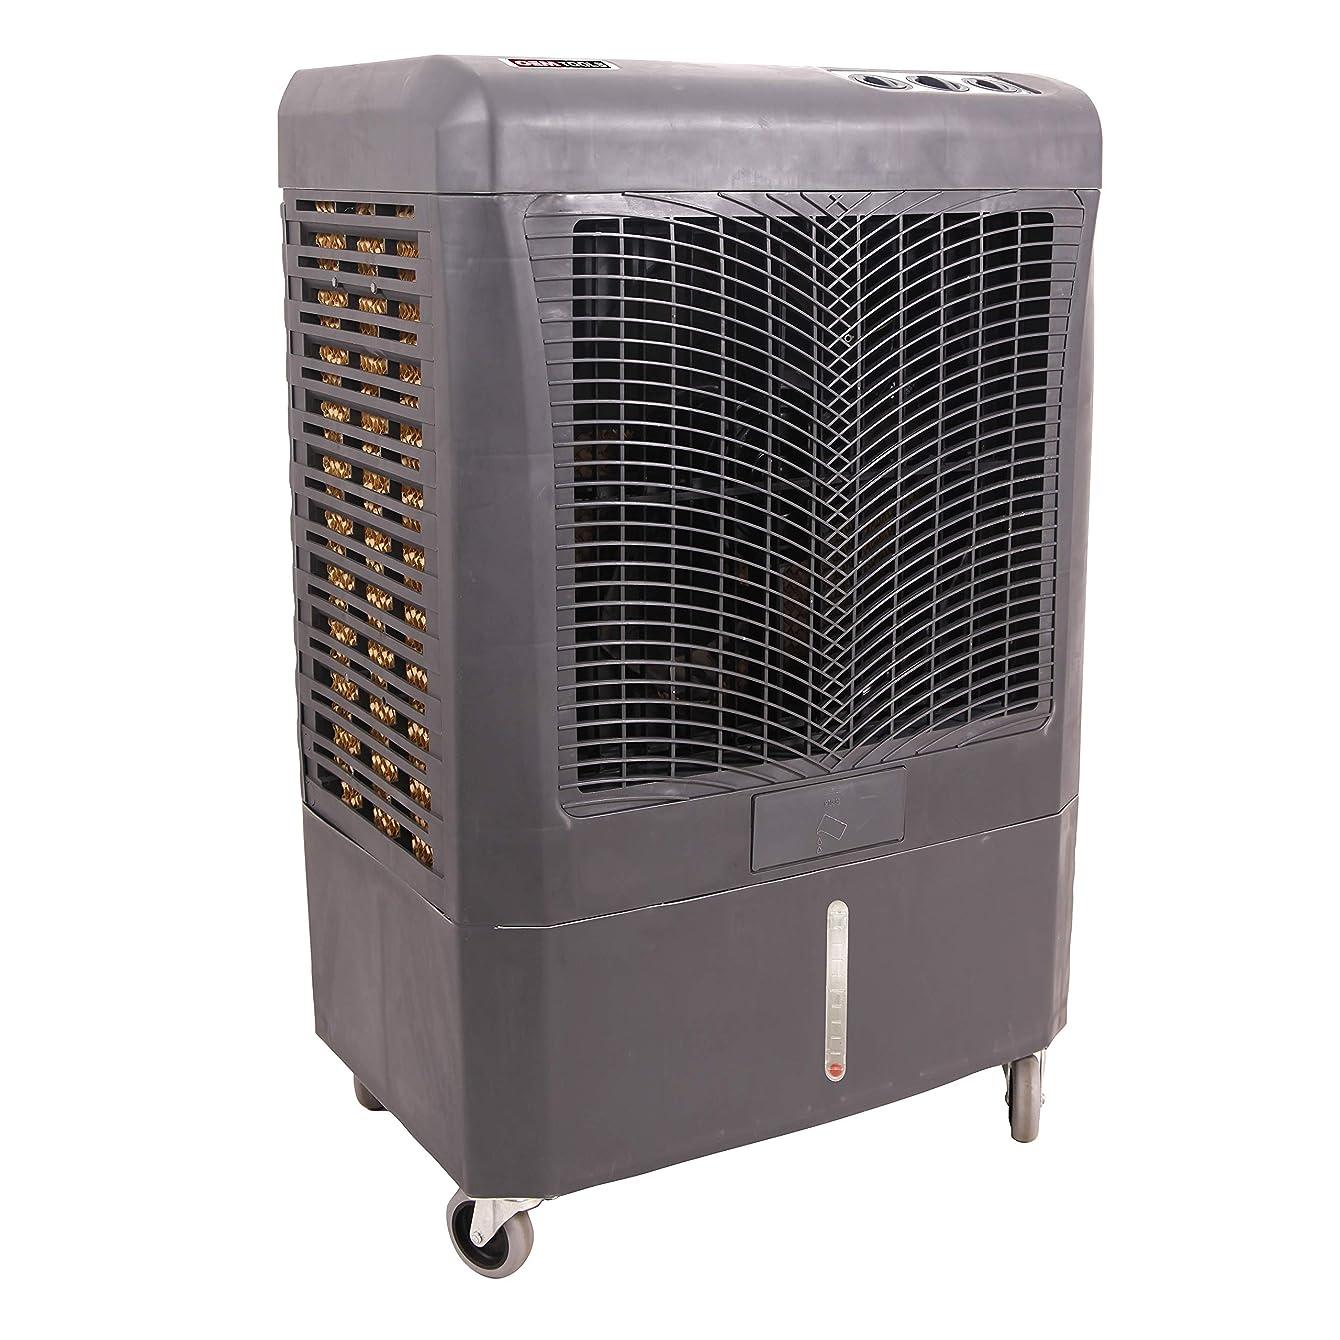 OEMTOOLS 23976 3,100 CFM 3 Speed Evaporative Cooler, Black